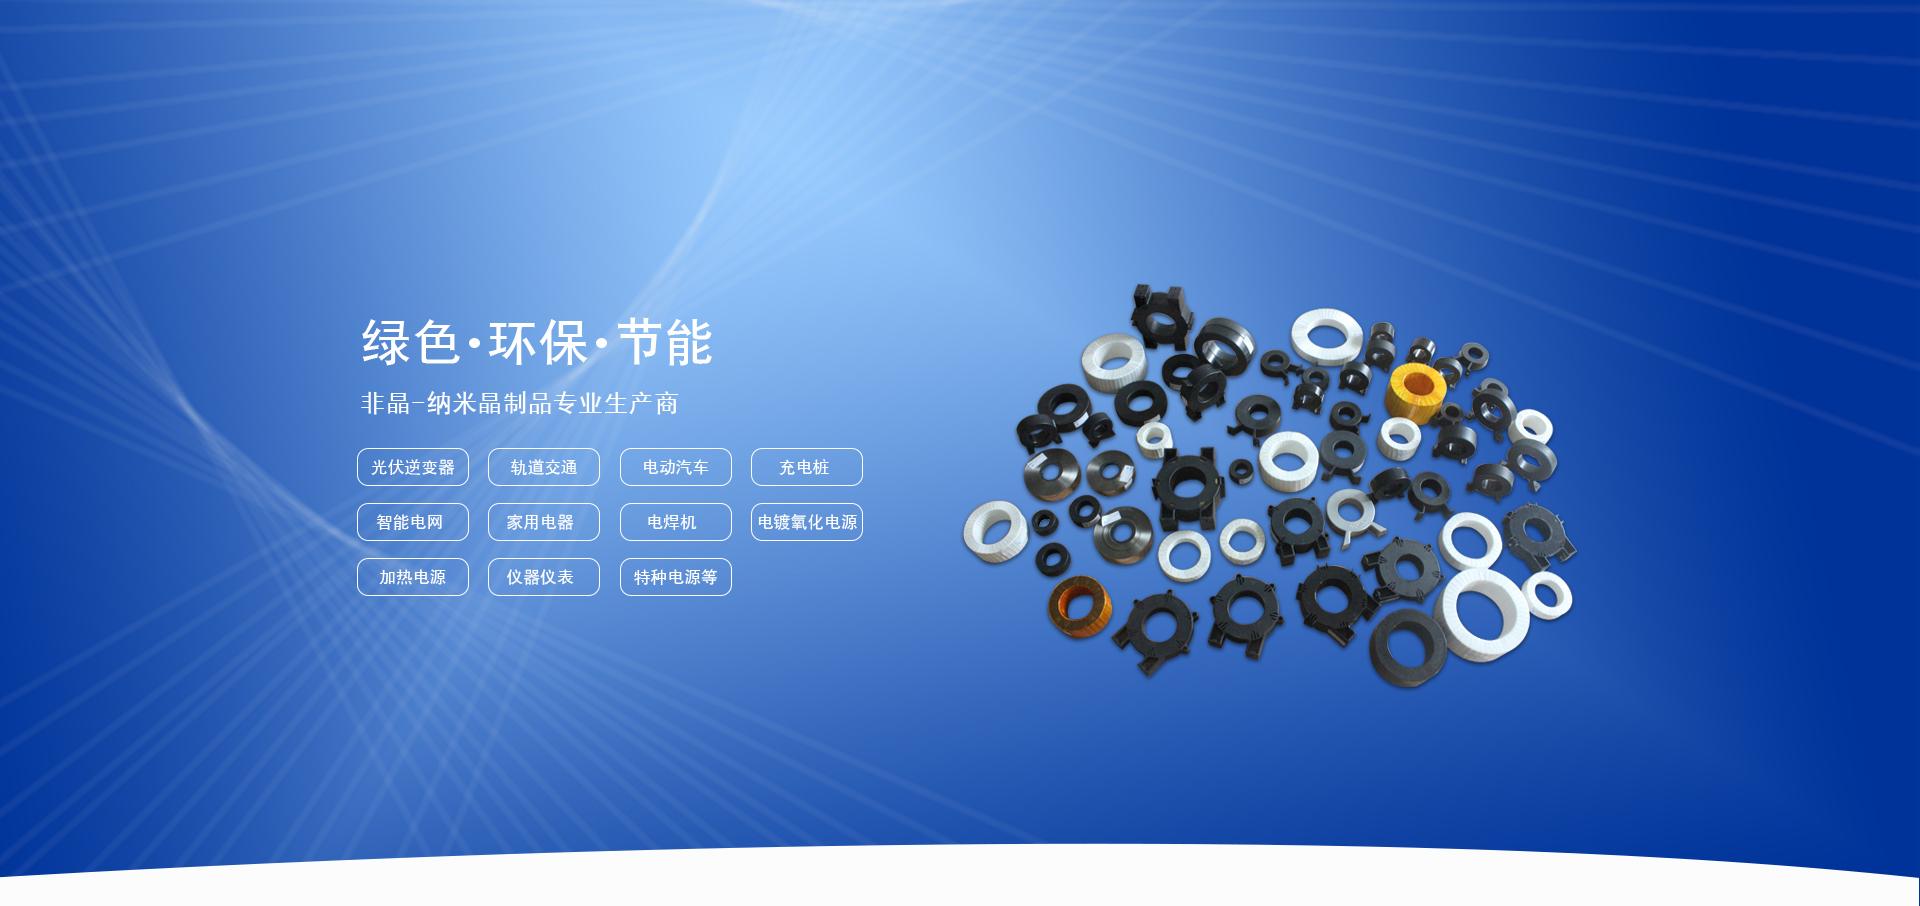 纳米晶铁芯